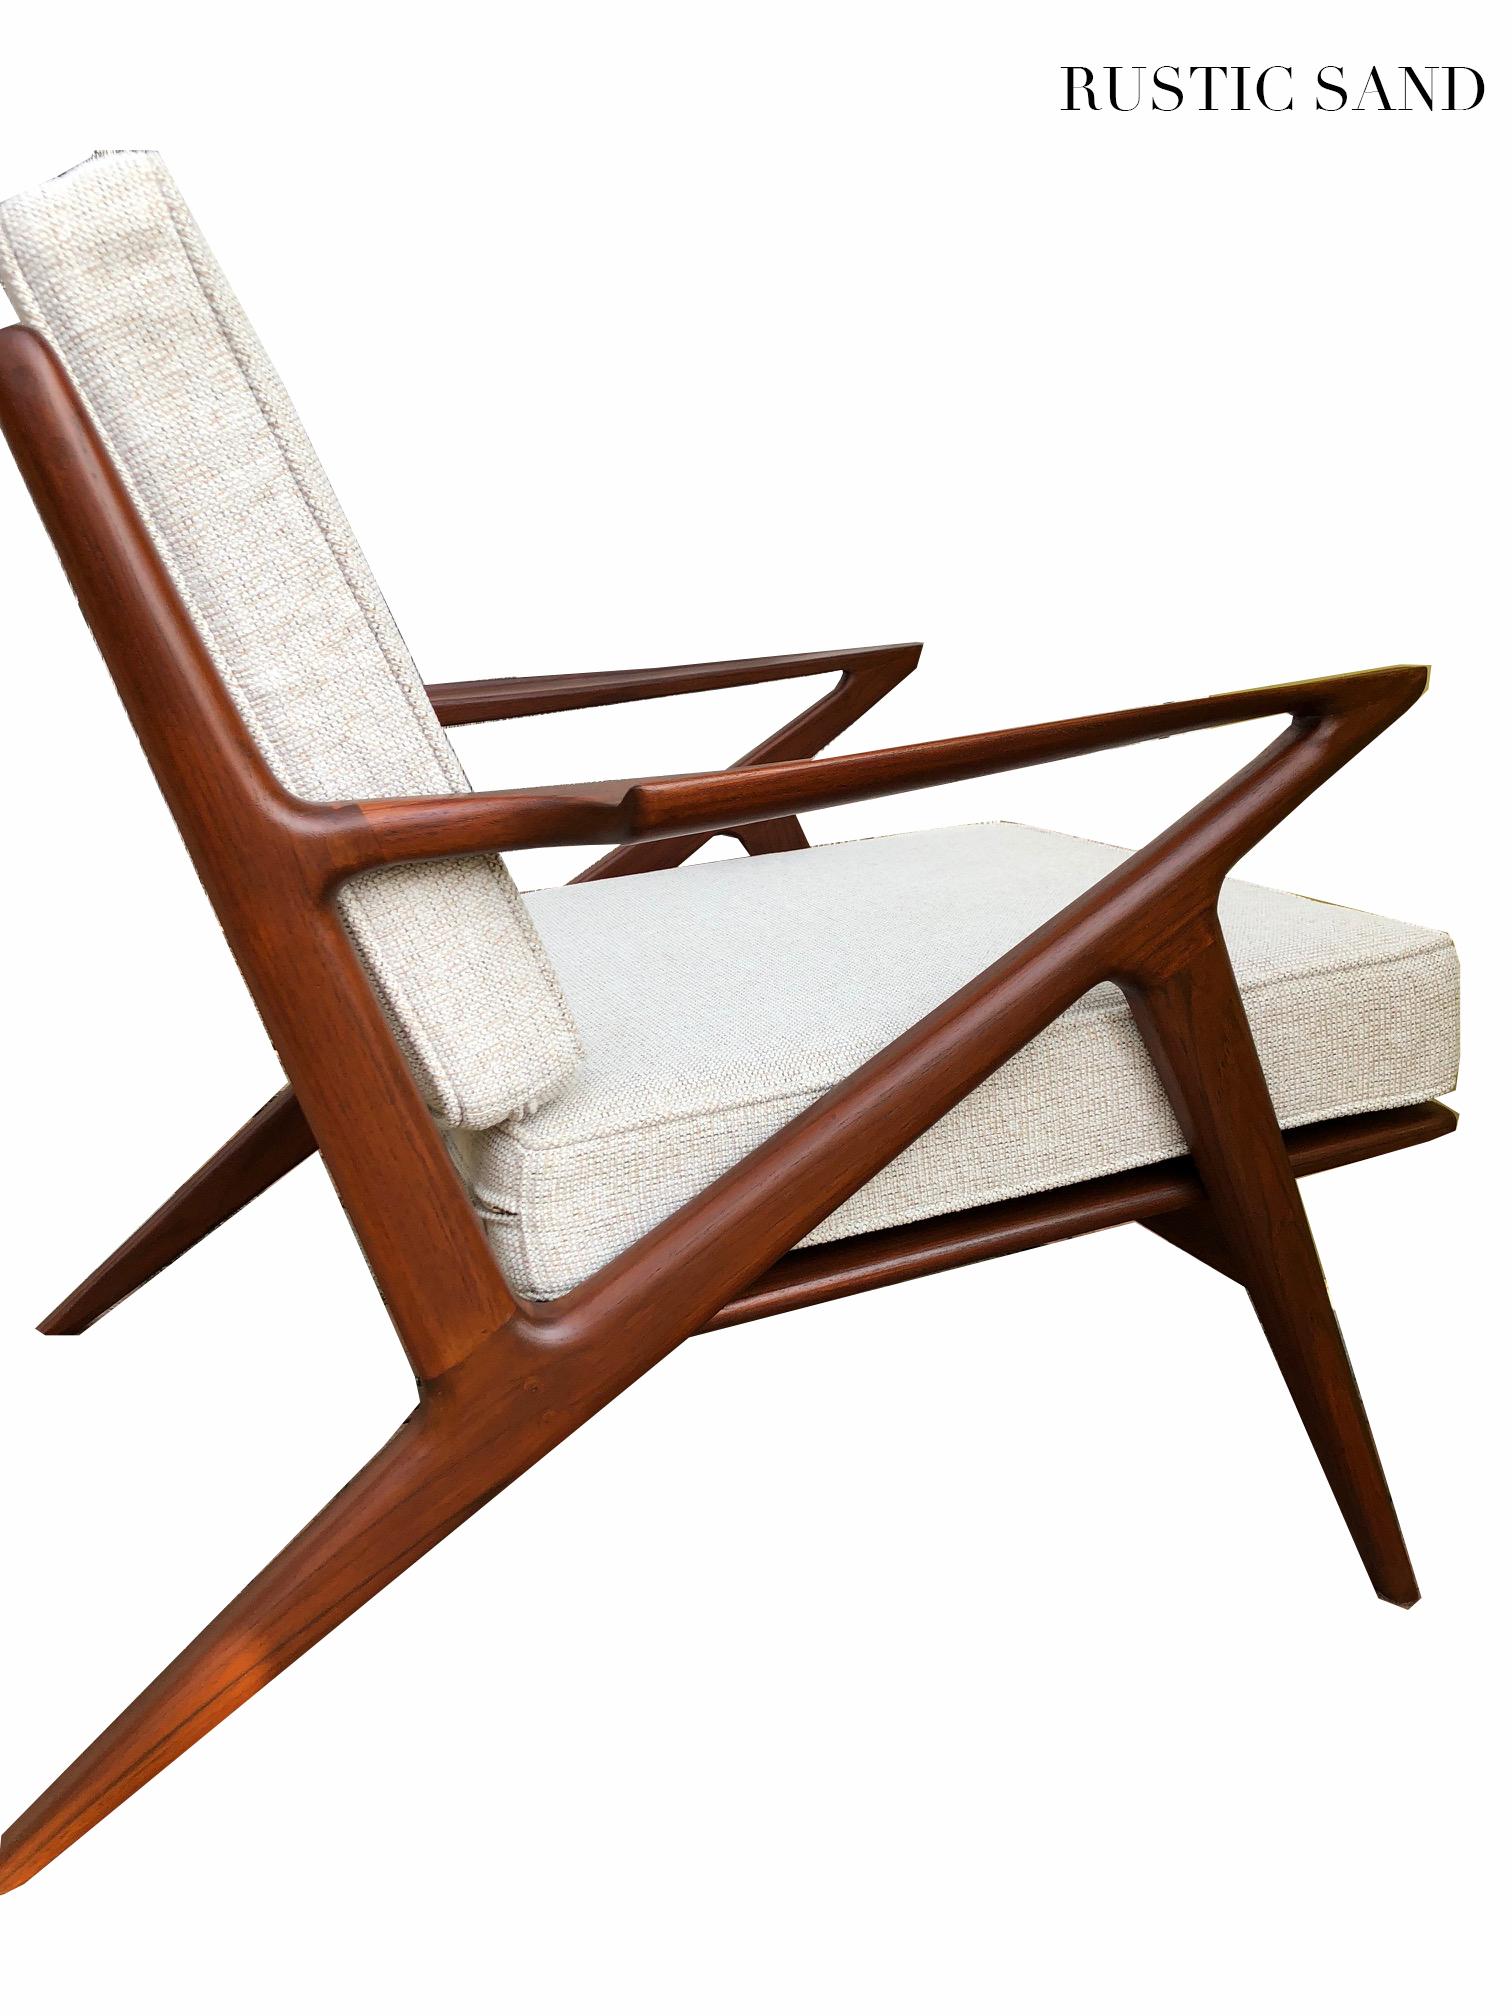 folding z chair walking stick heavy duty teak bowery grand rusticsand jpg